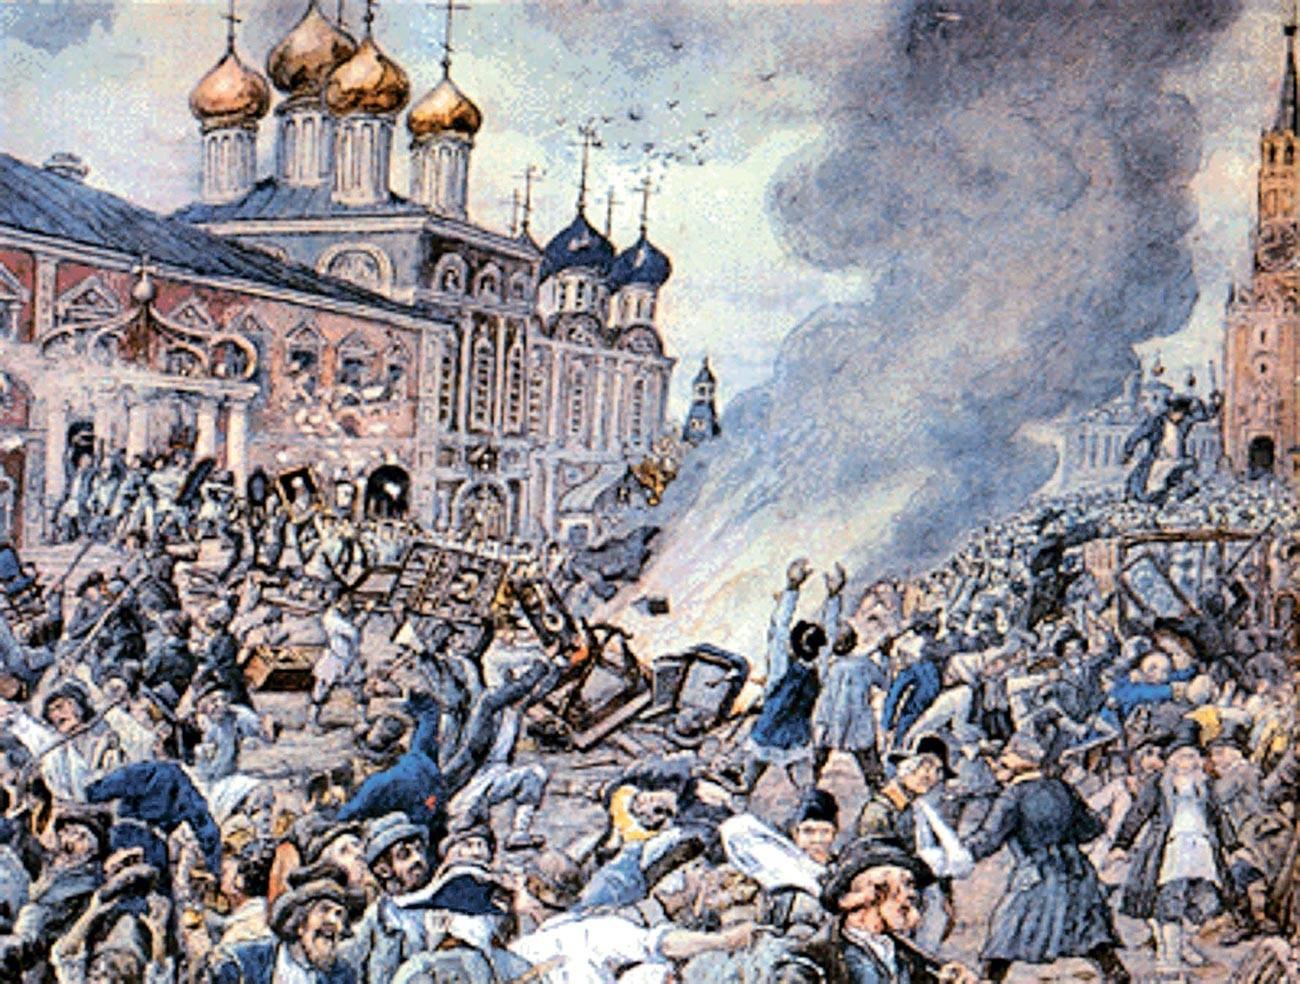 Tumulto em Moscou em 1771, aquarela dos anos 1930